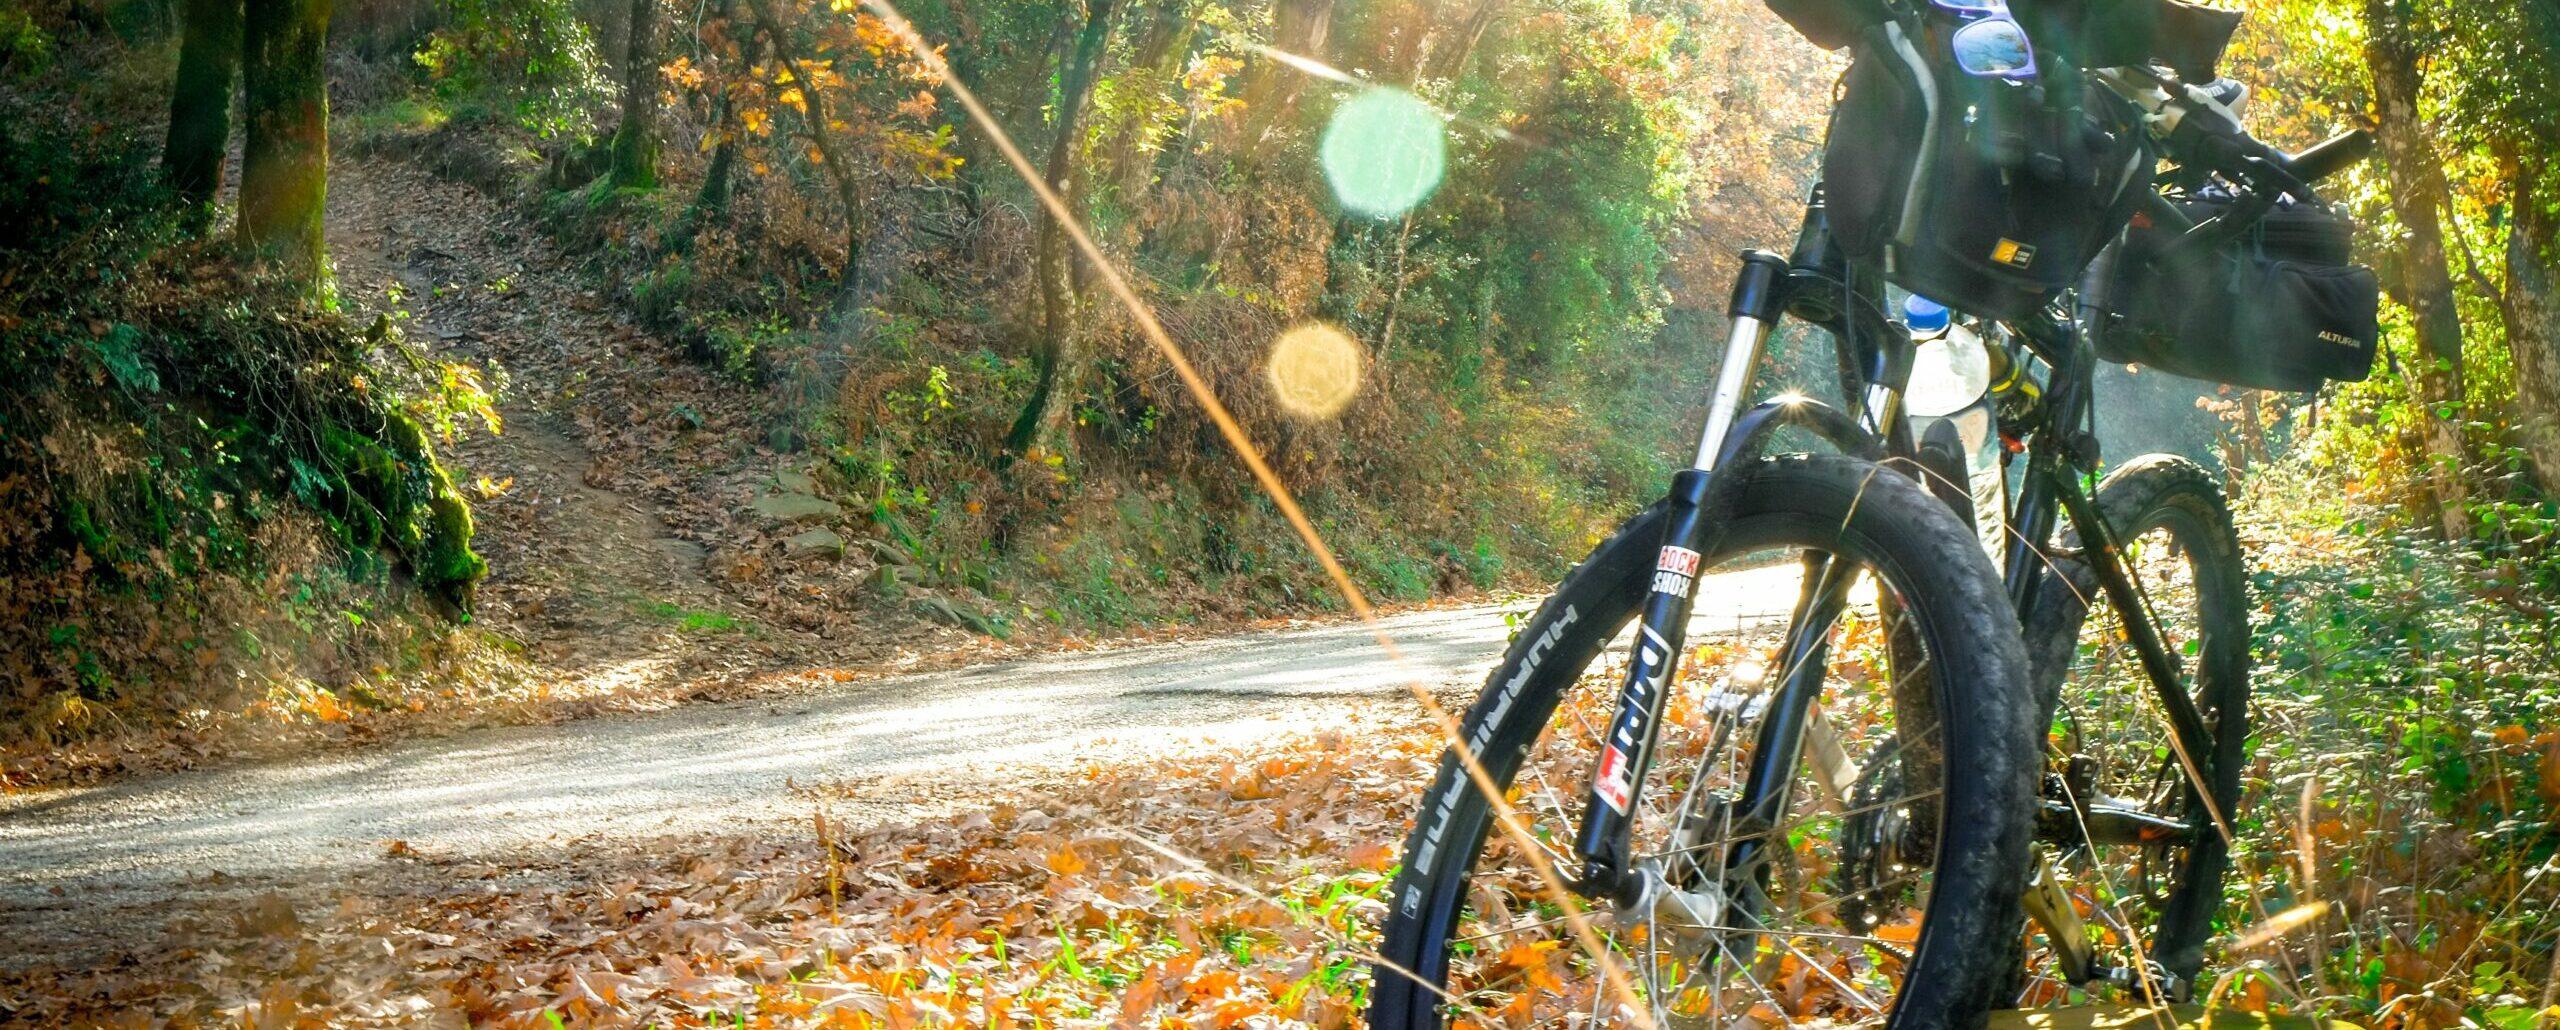 ein Fahrrad steht am Wegesrand, Herbststimmung